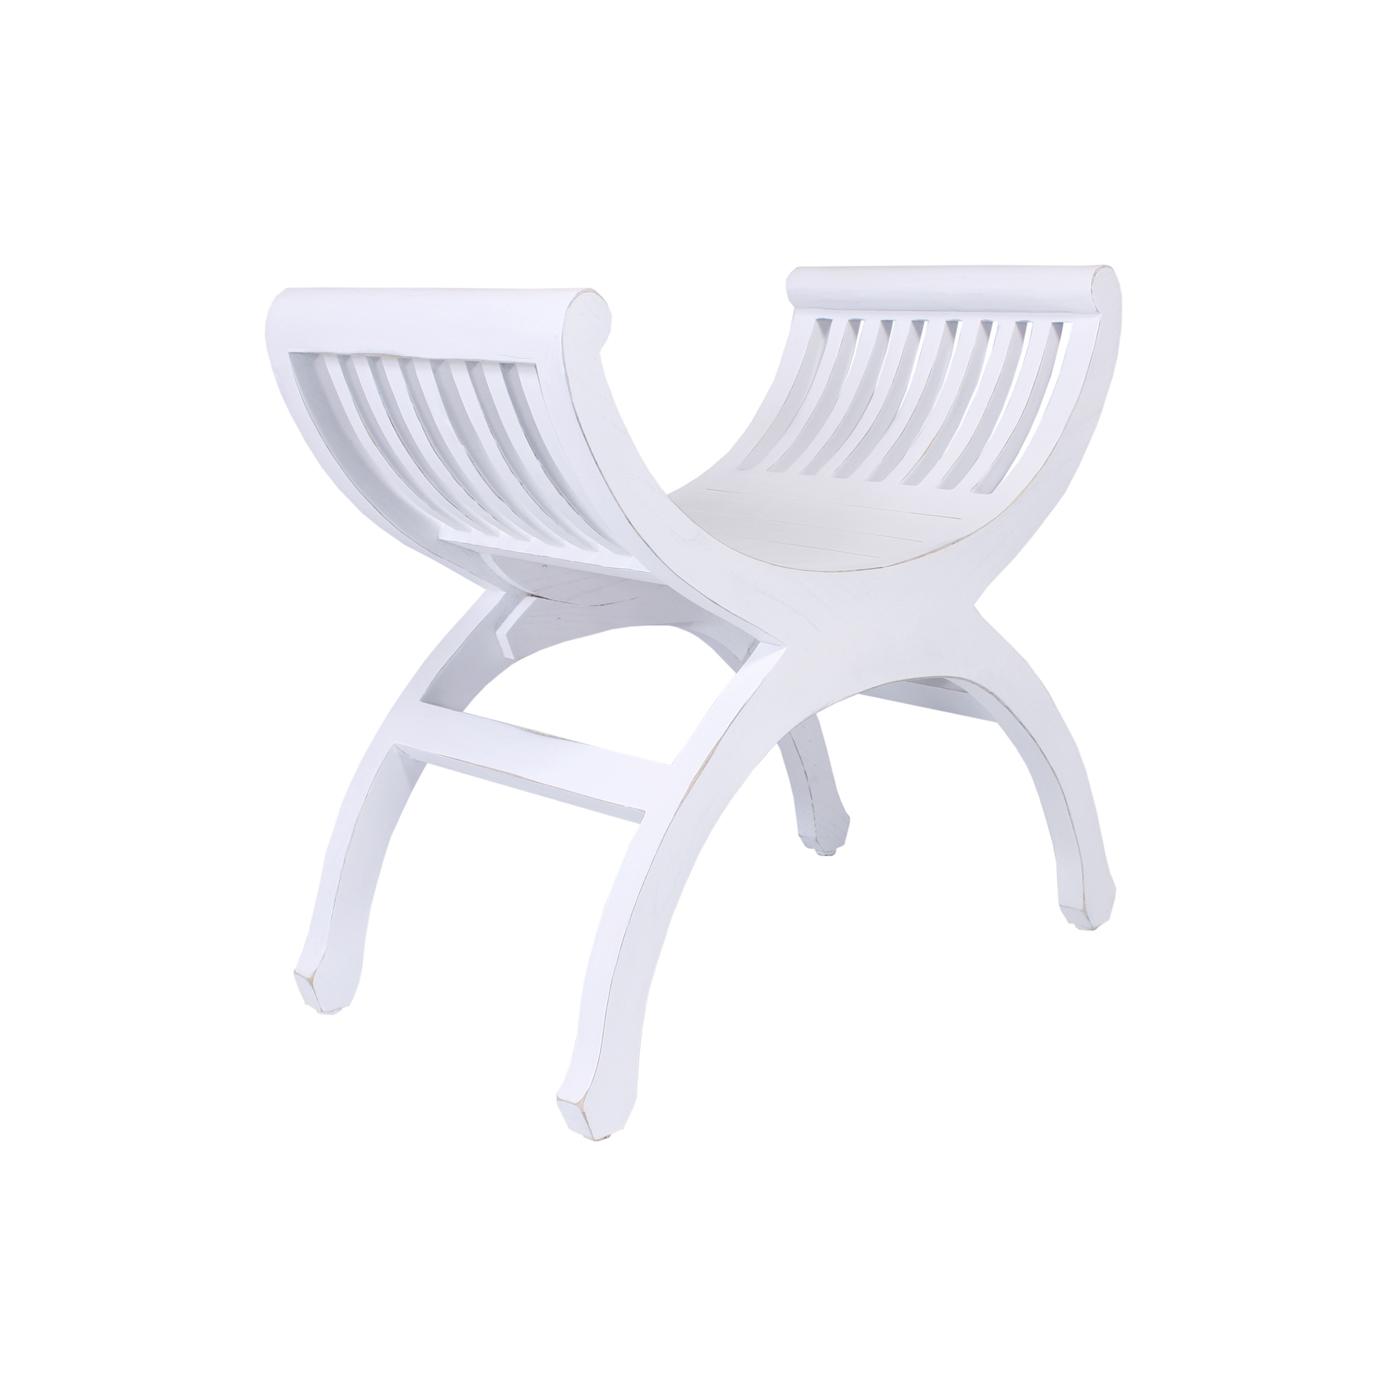 Banqueta oval blanco envejecido no disponible en - Muebles blanco envejecido ...